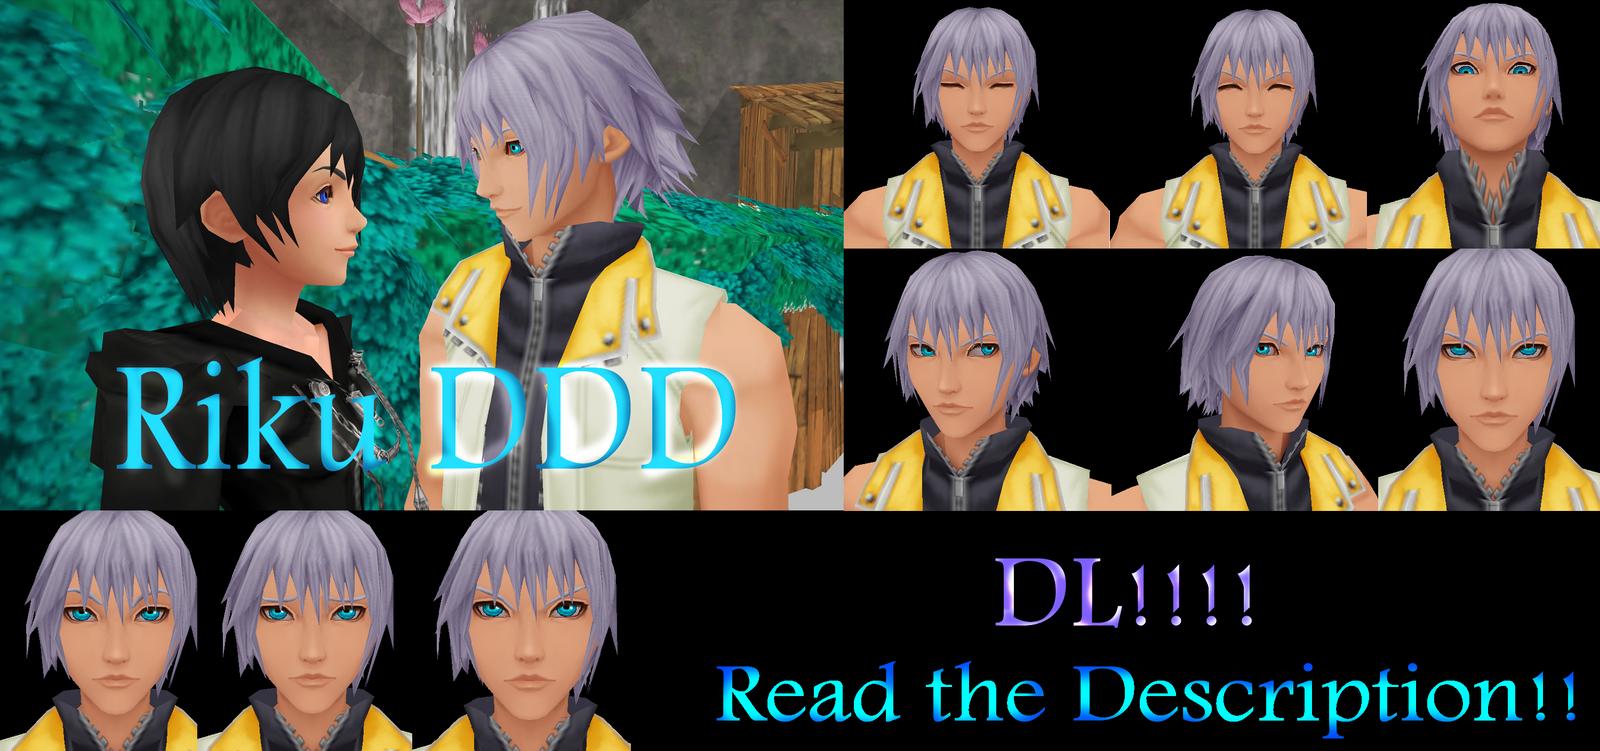 [MMD] Riku DDD - DL! by kazuki9484